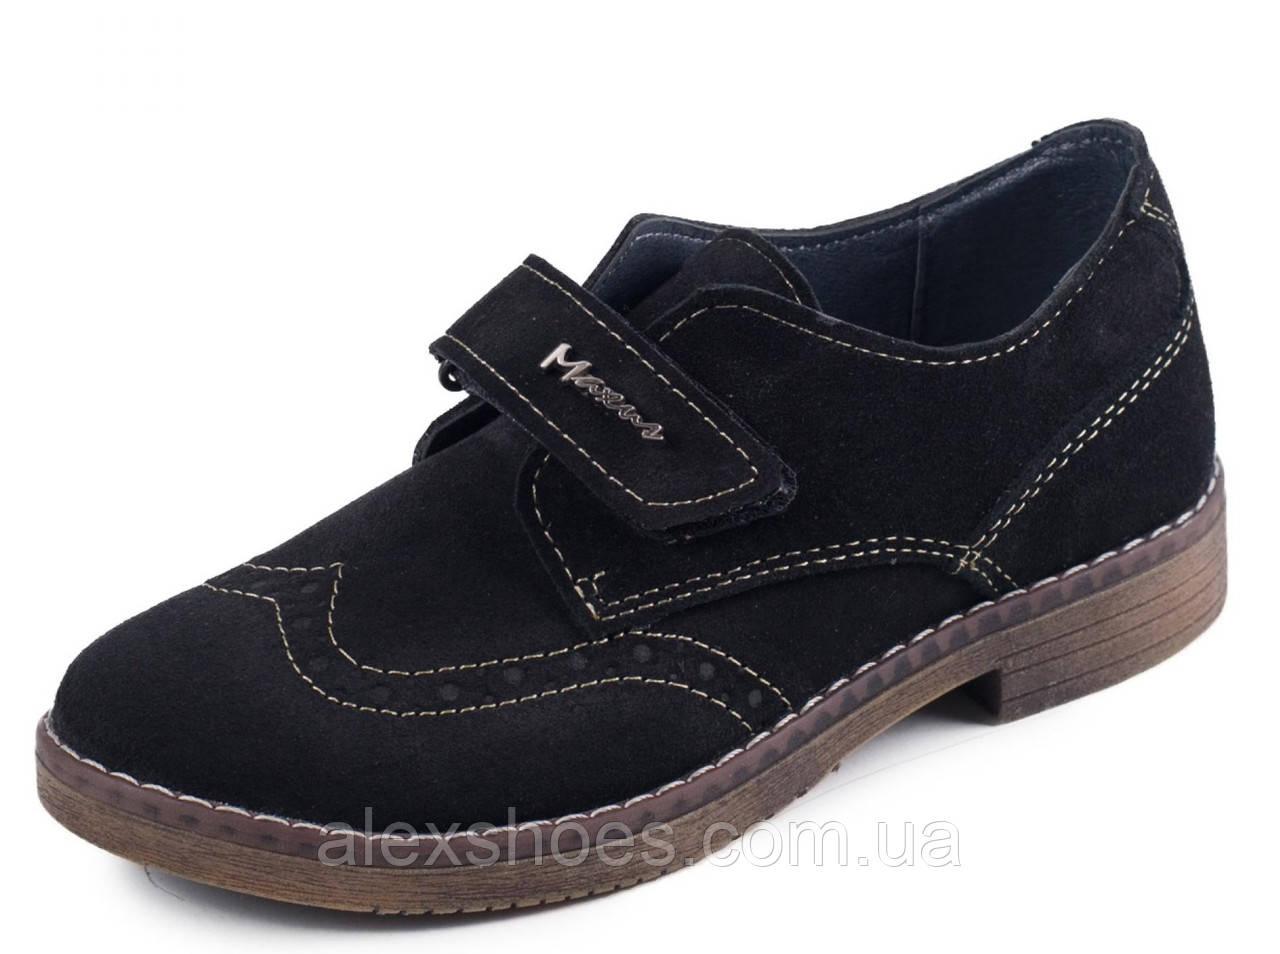 Туфли подростковые для мальчика из натуральной замши от производителя модель МАК275